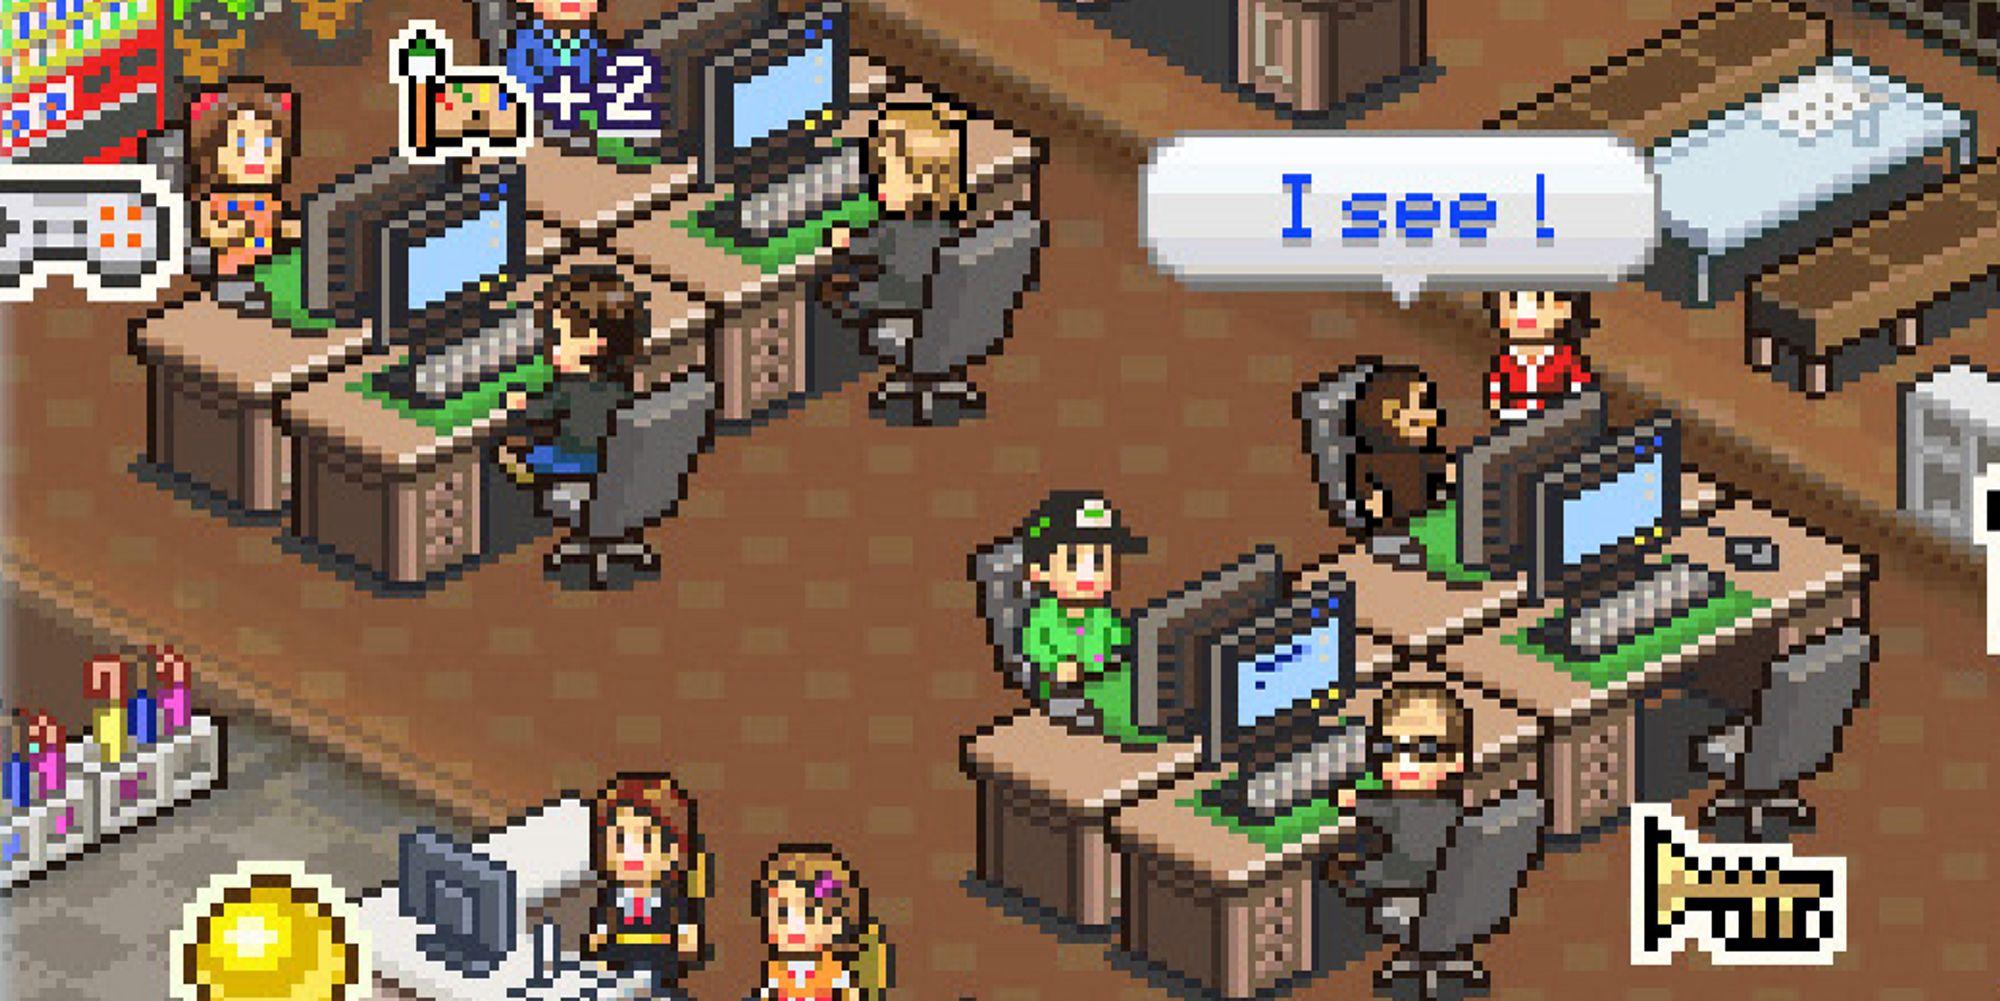 FEATURE: Slik skal spill lages! - Gamer.no